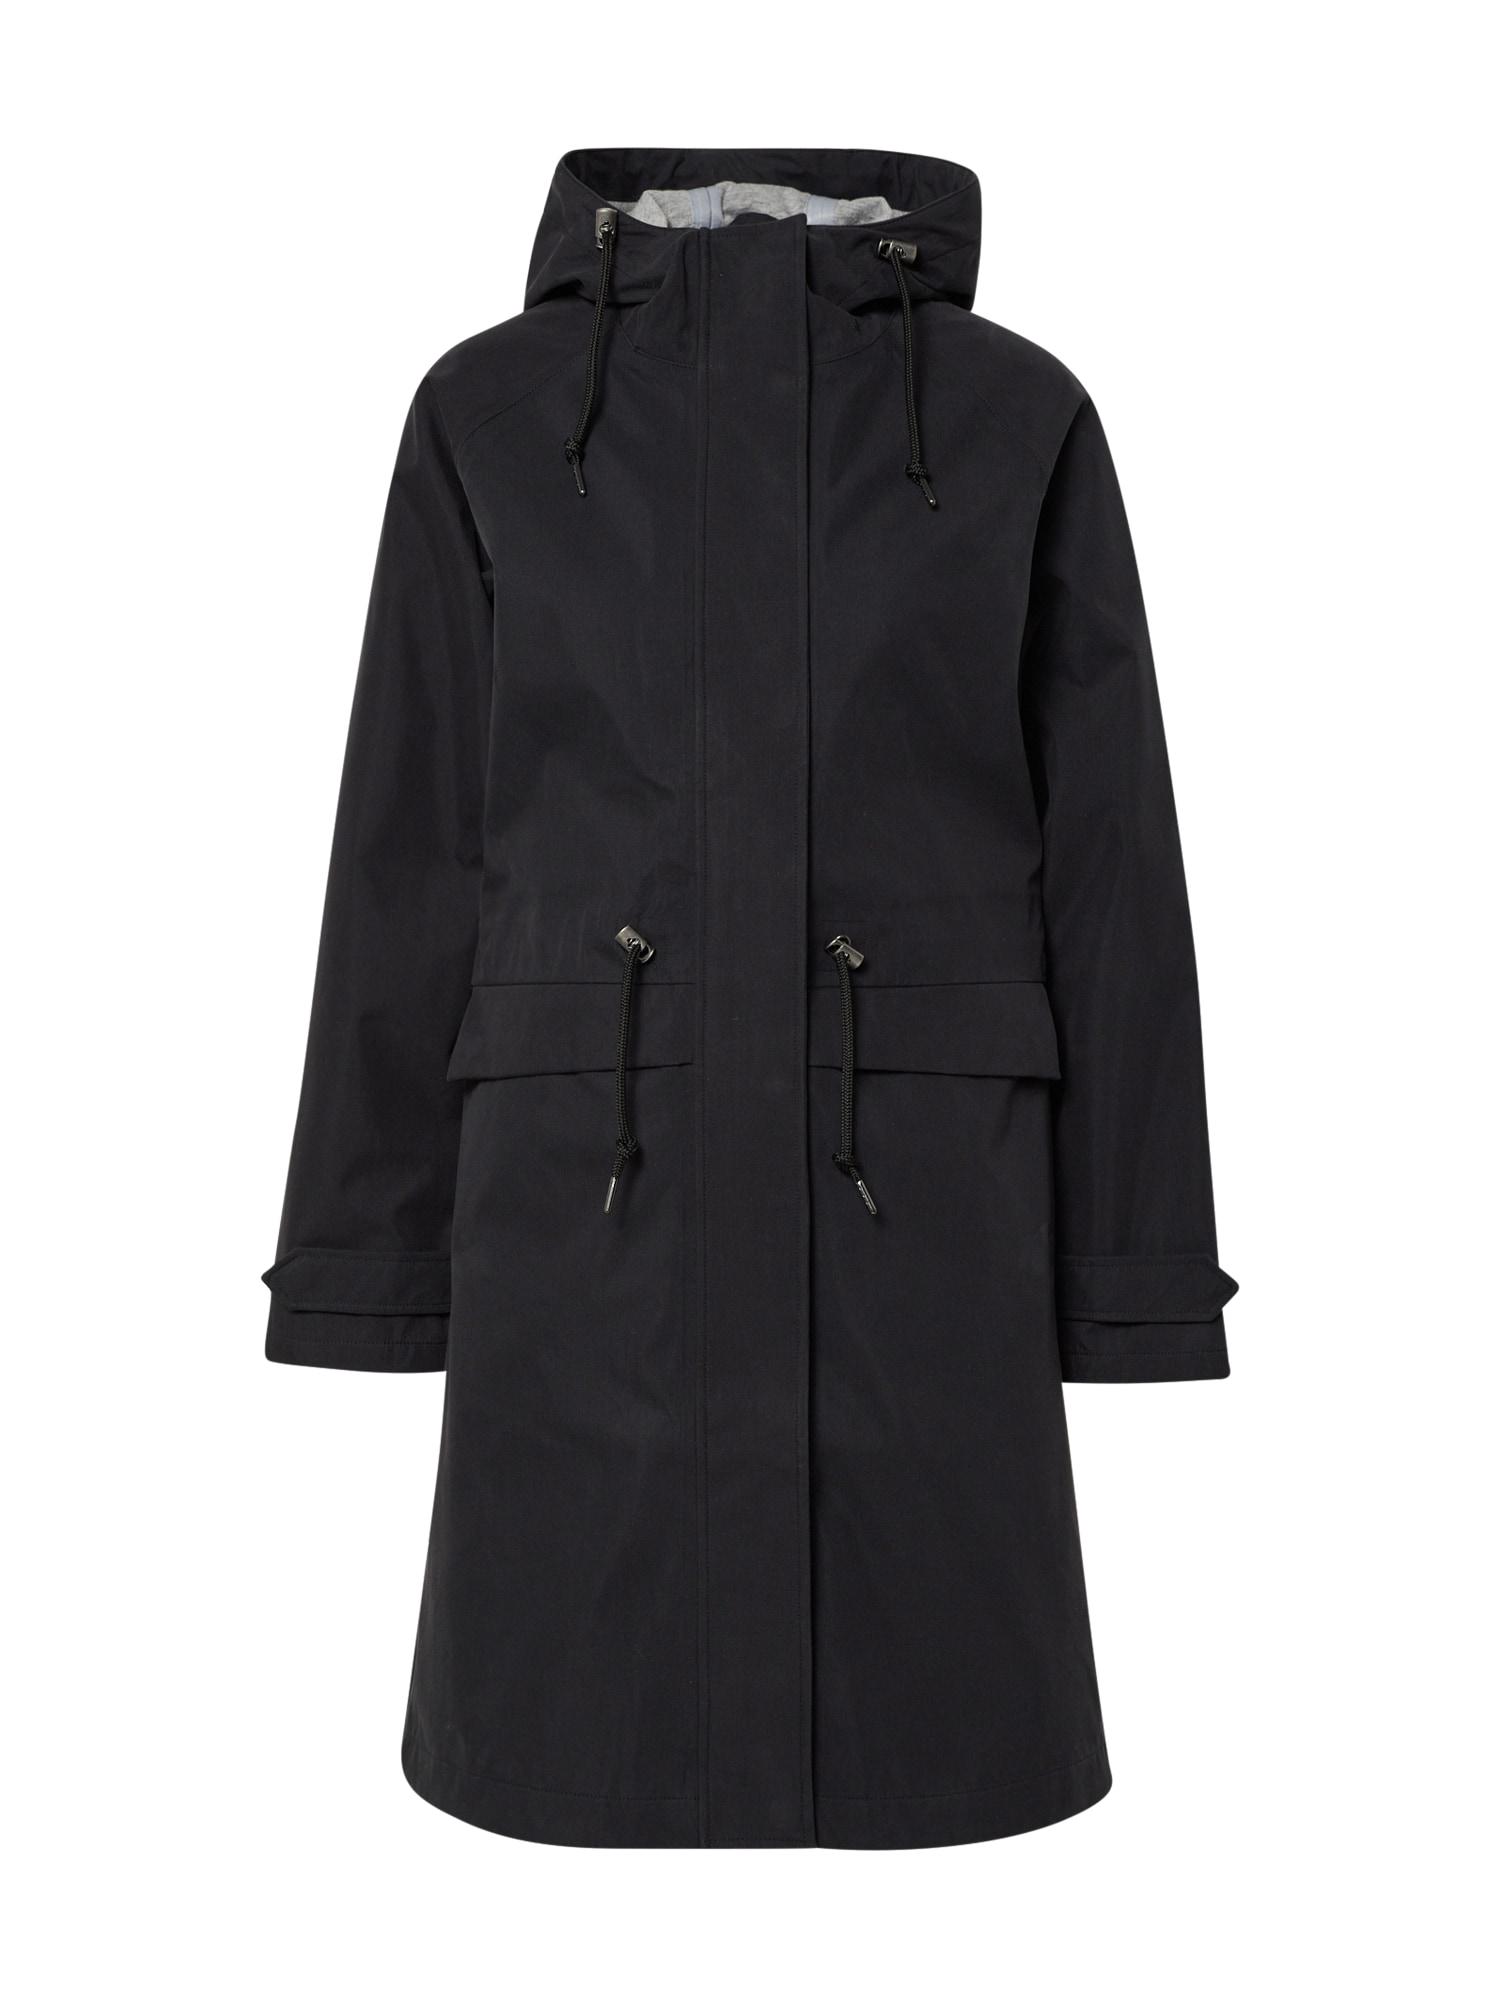 Derbe Rudeninis-žieminis paltas 'City Break' juoda / antracito